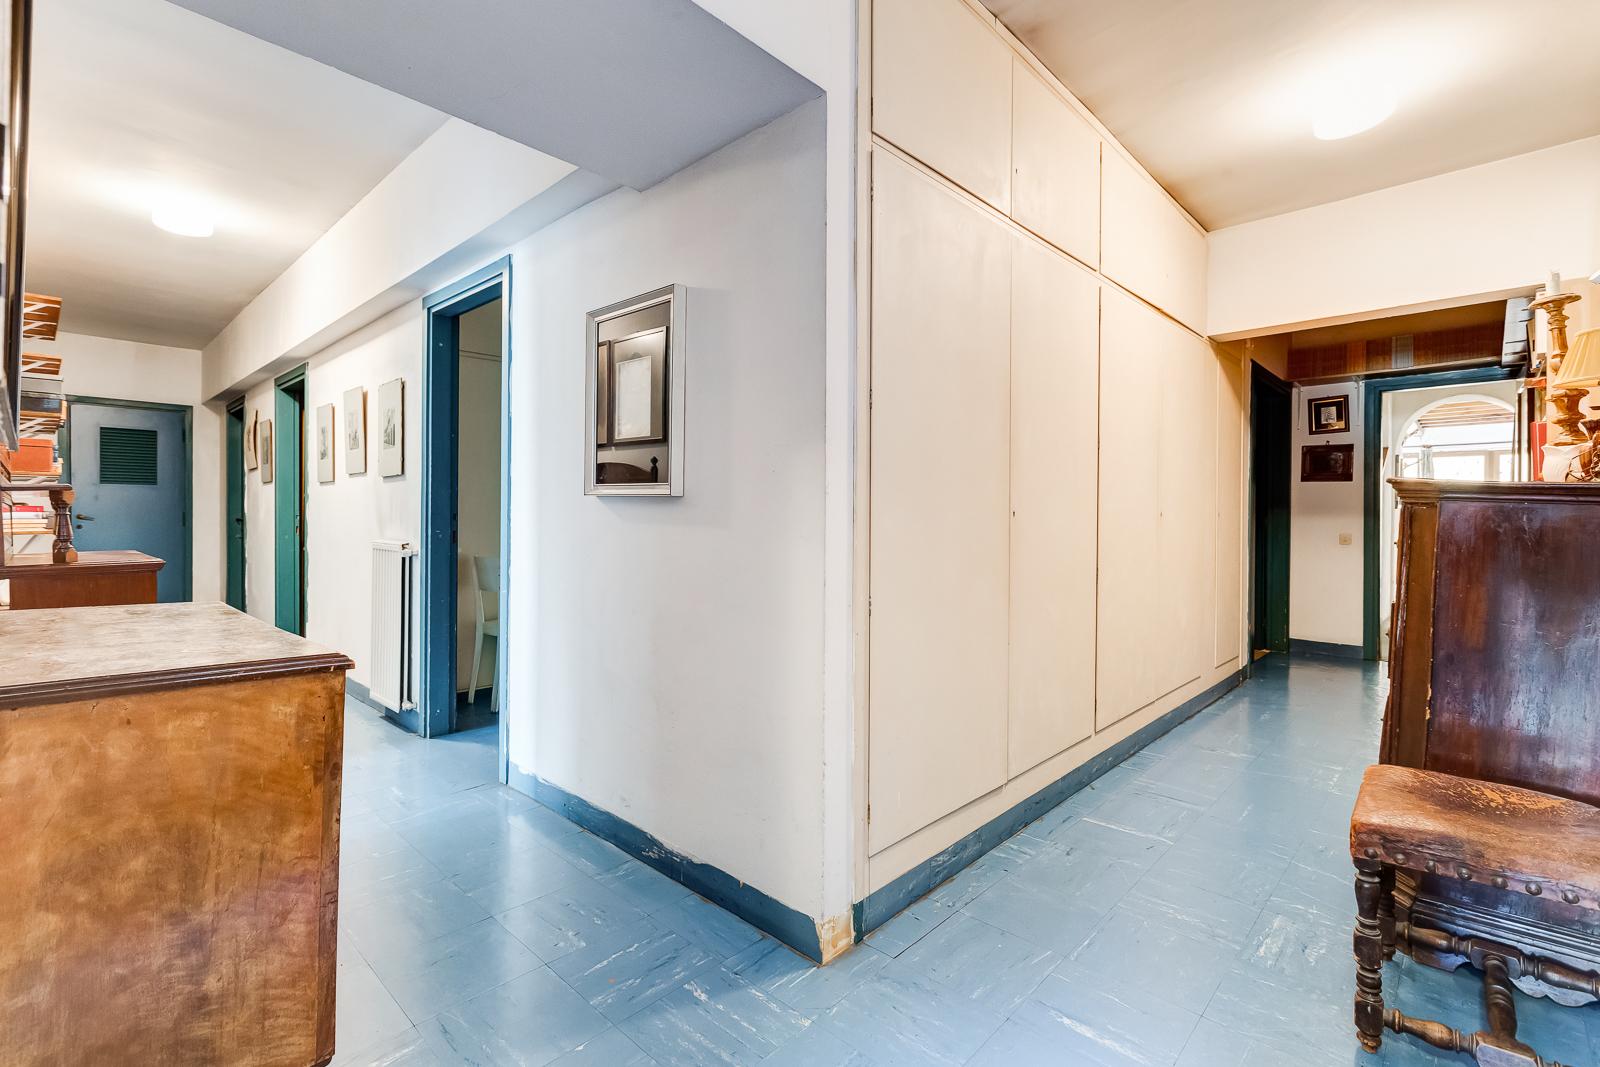 corridoio e locali tecnici e di servizio al piano interrato